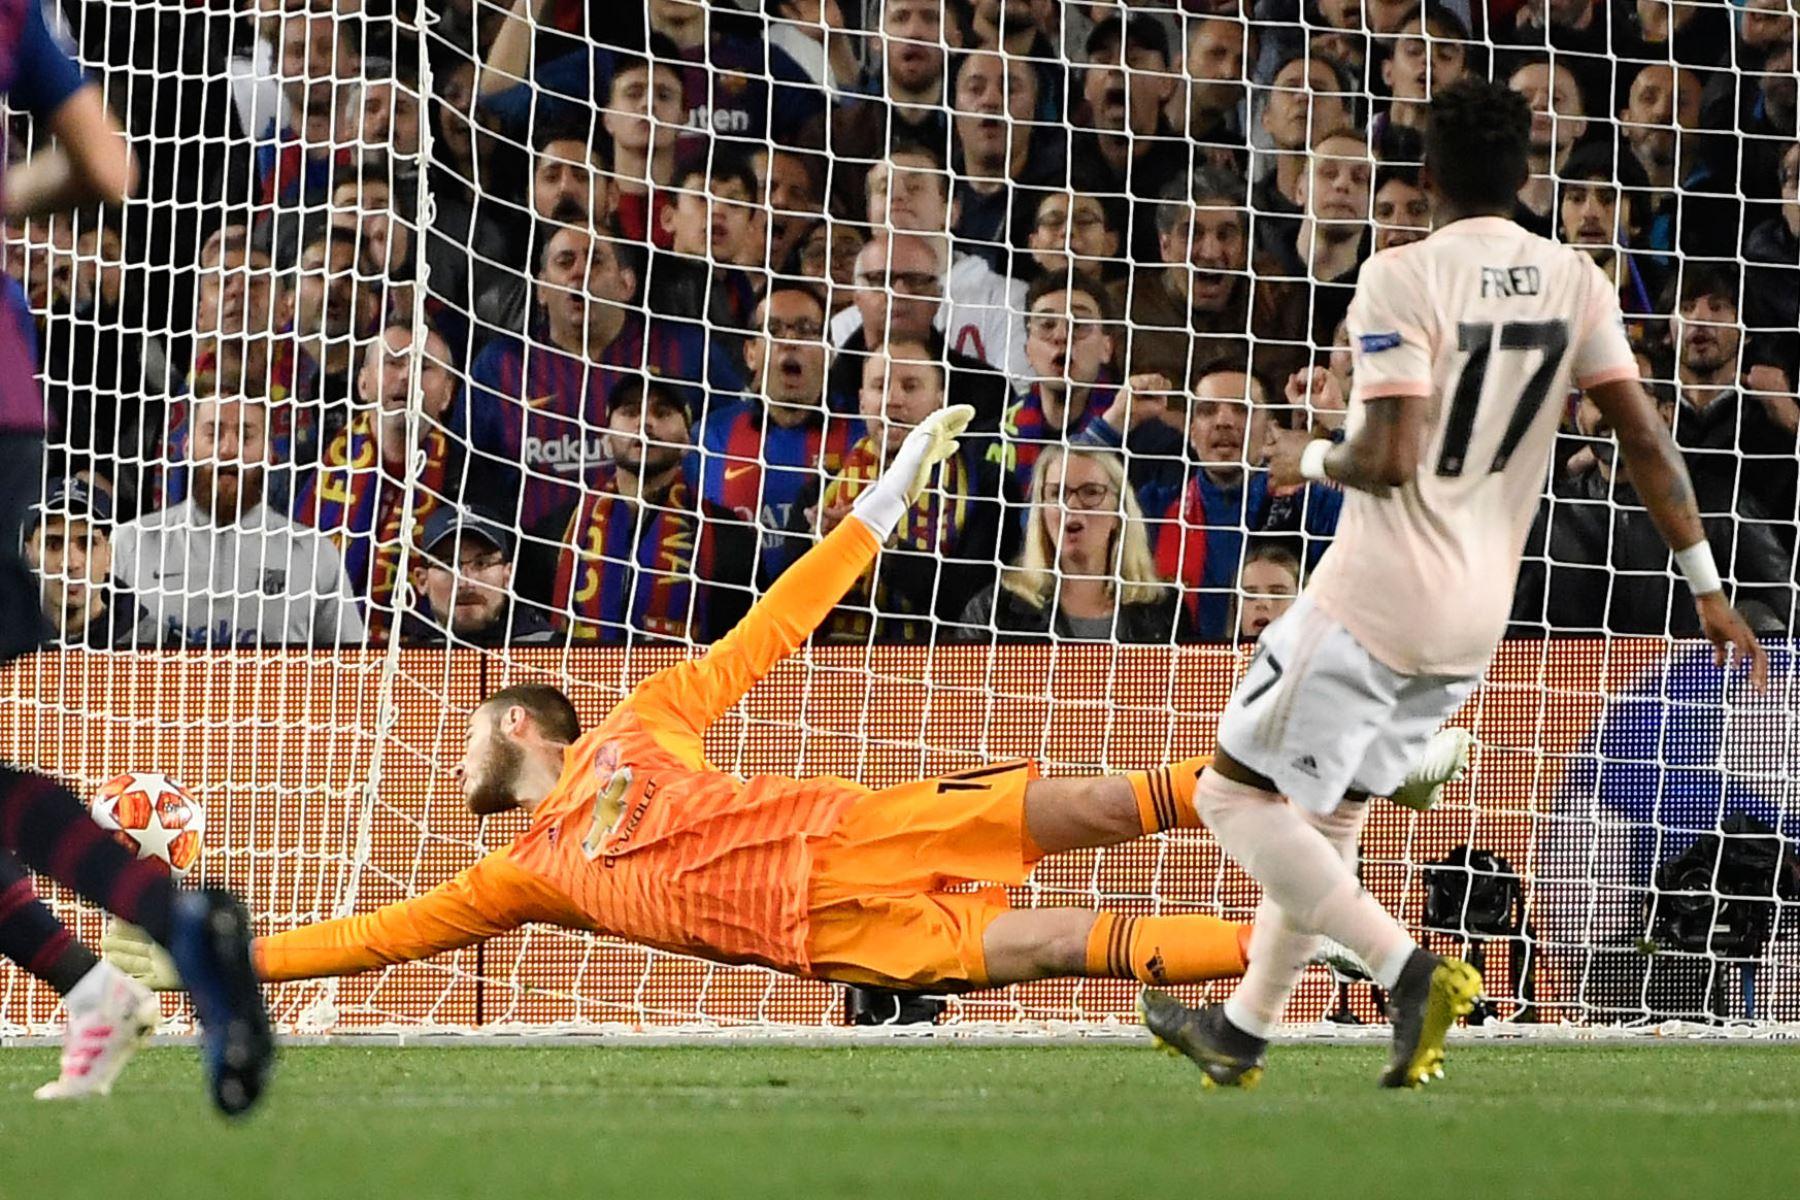 El portero español del Manchester United, David De Gea, concede el primer gol durante el partido de fútbol de la segunda etapa de la UEFA Champions League entre Barcelona y Manchester United.Foto:AFP